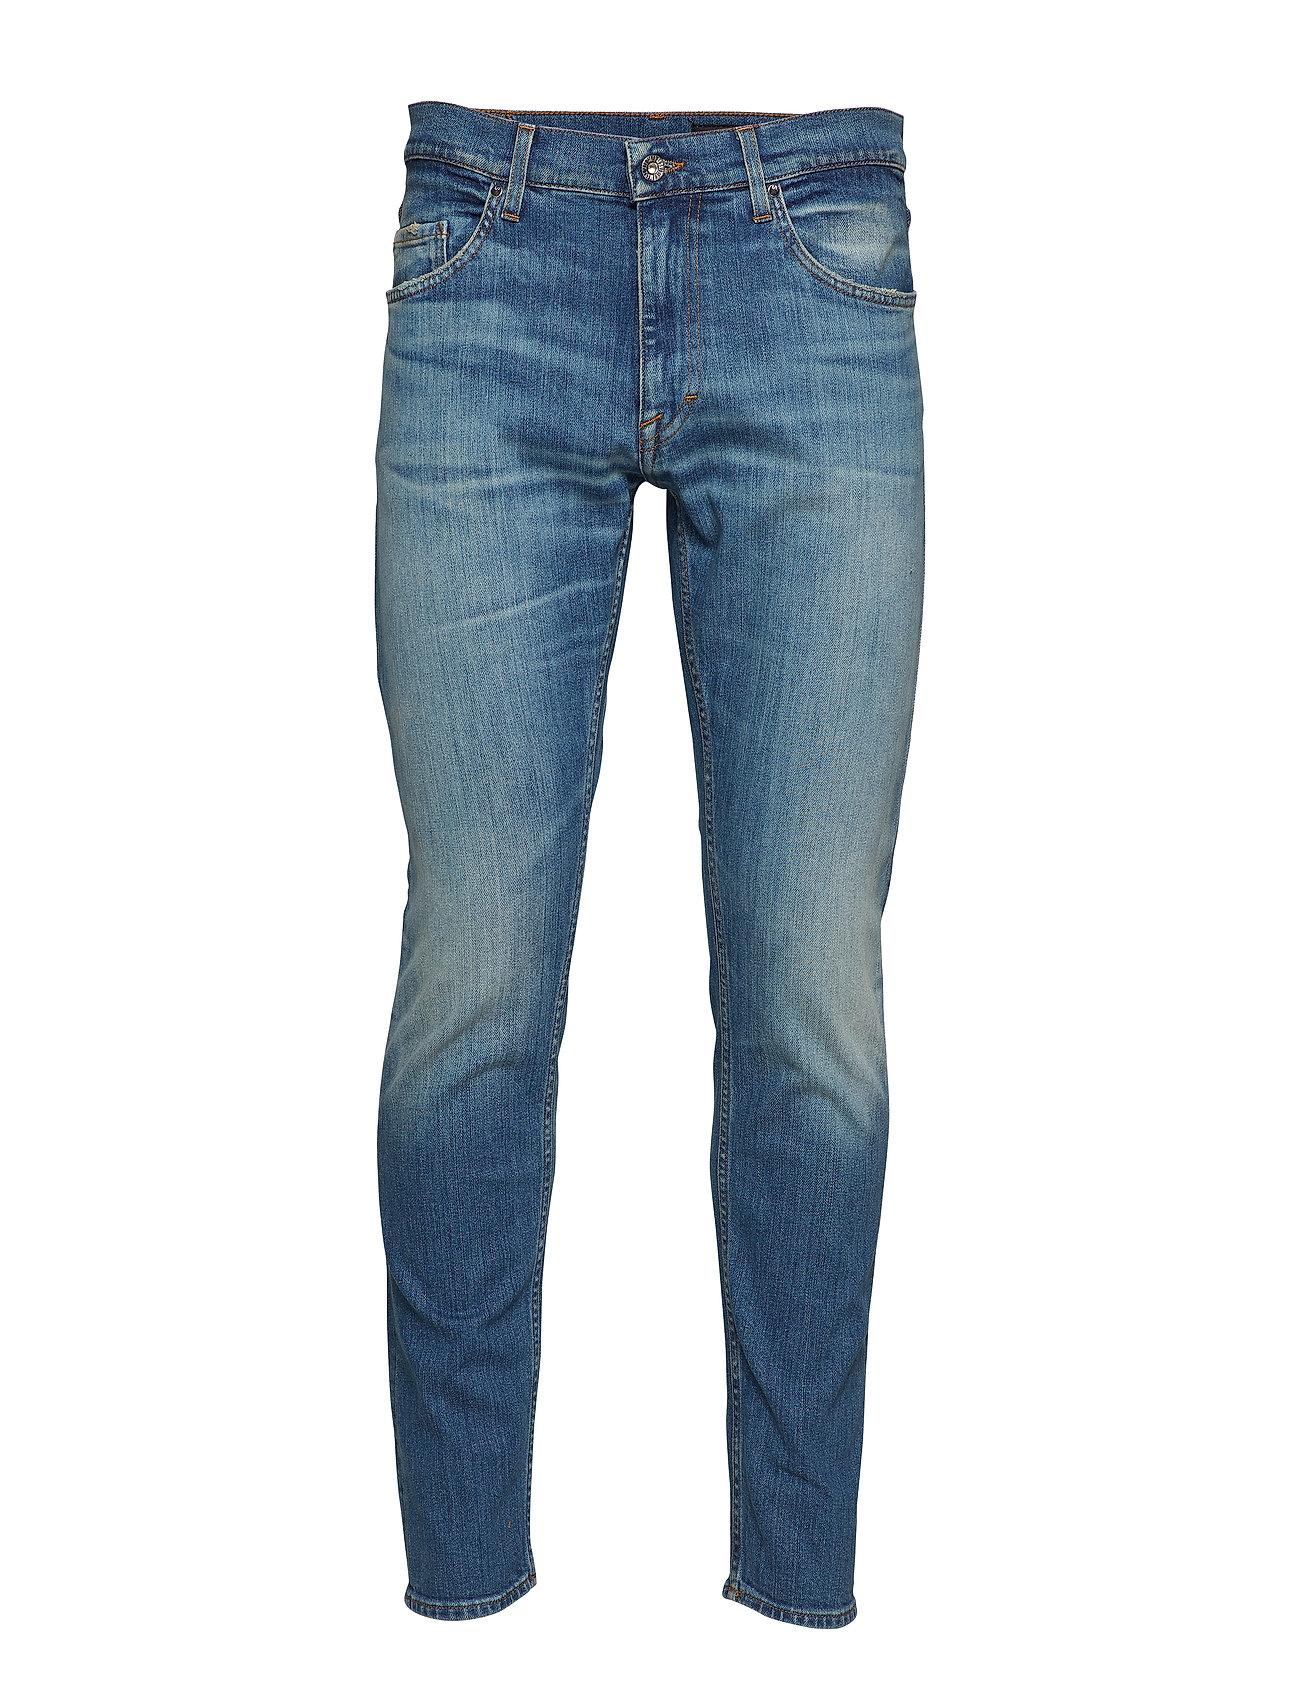 BlueTiger Sweden Of Sweden Jeans BlueTiger Pistolerodust BlueTiger Of Jeans Pistolerodust Pistolerodust Of Sweden rCBoexdW